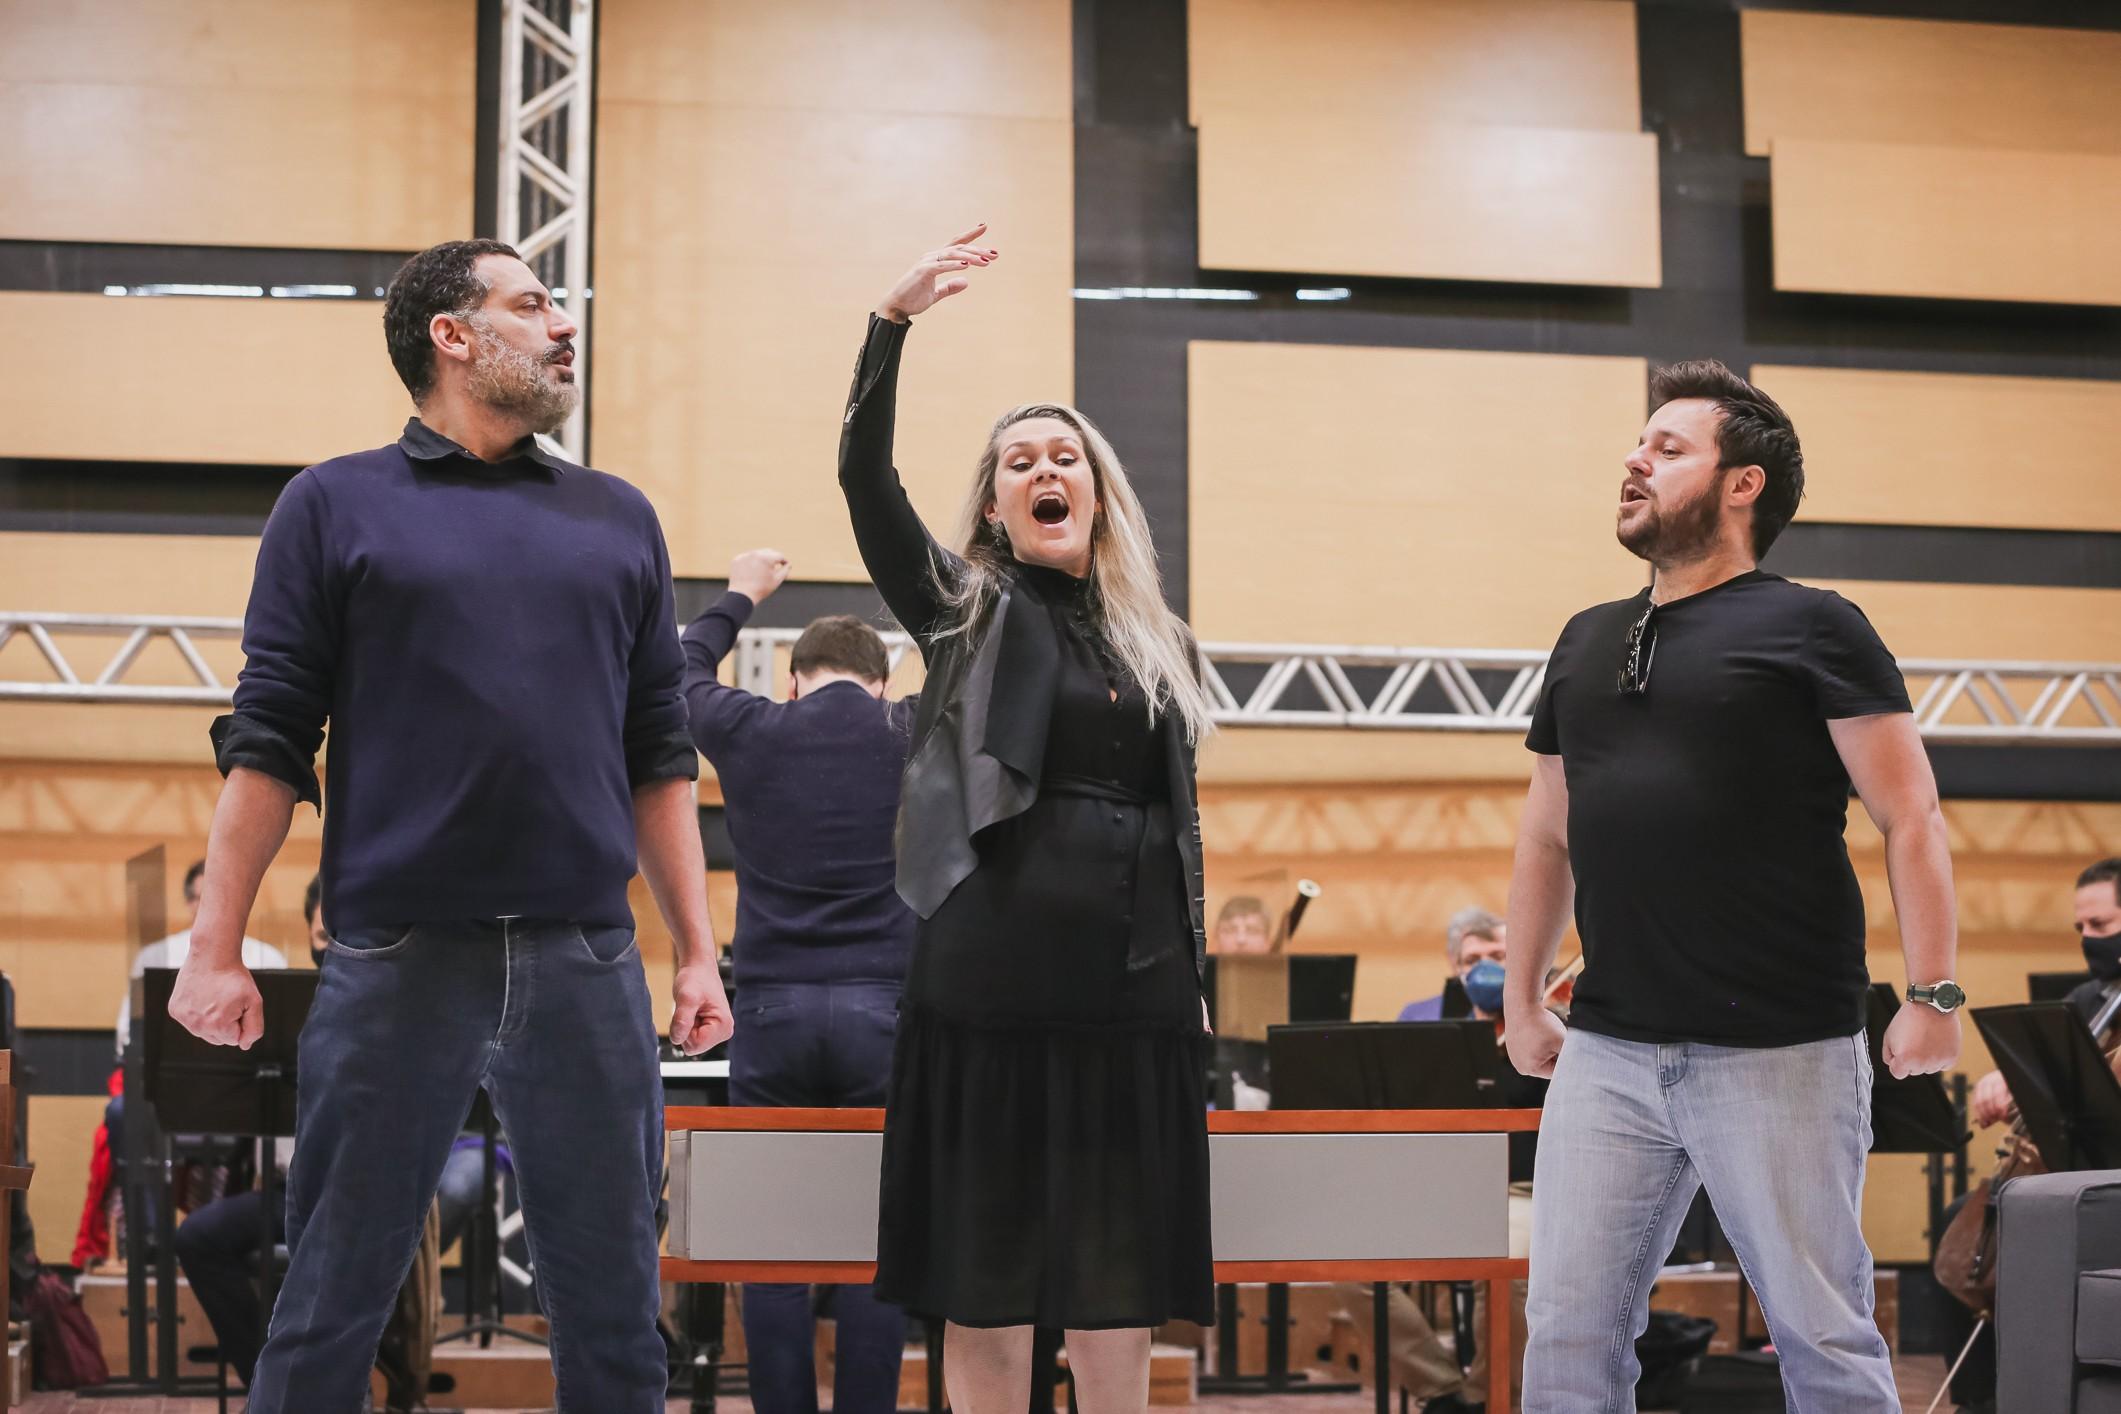 Ospa traz adaptação inédita de ópera francesa para o palco em Porto Alegre